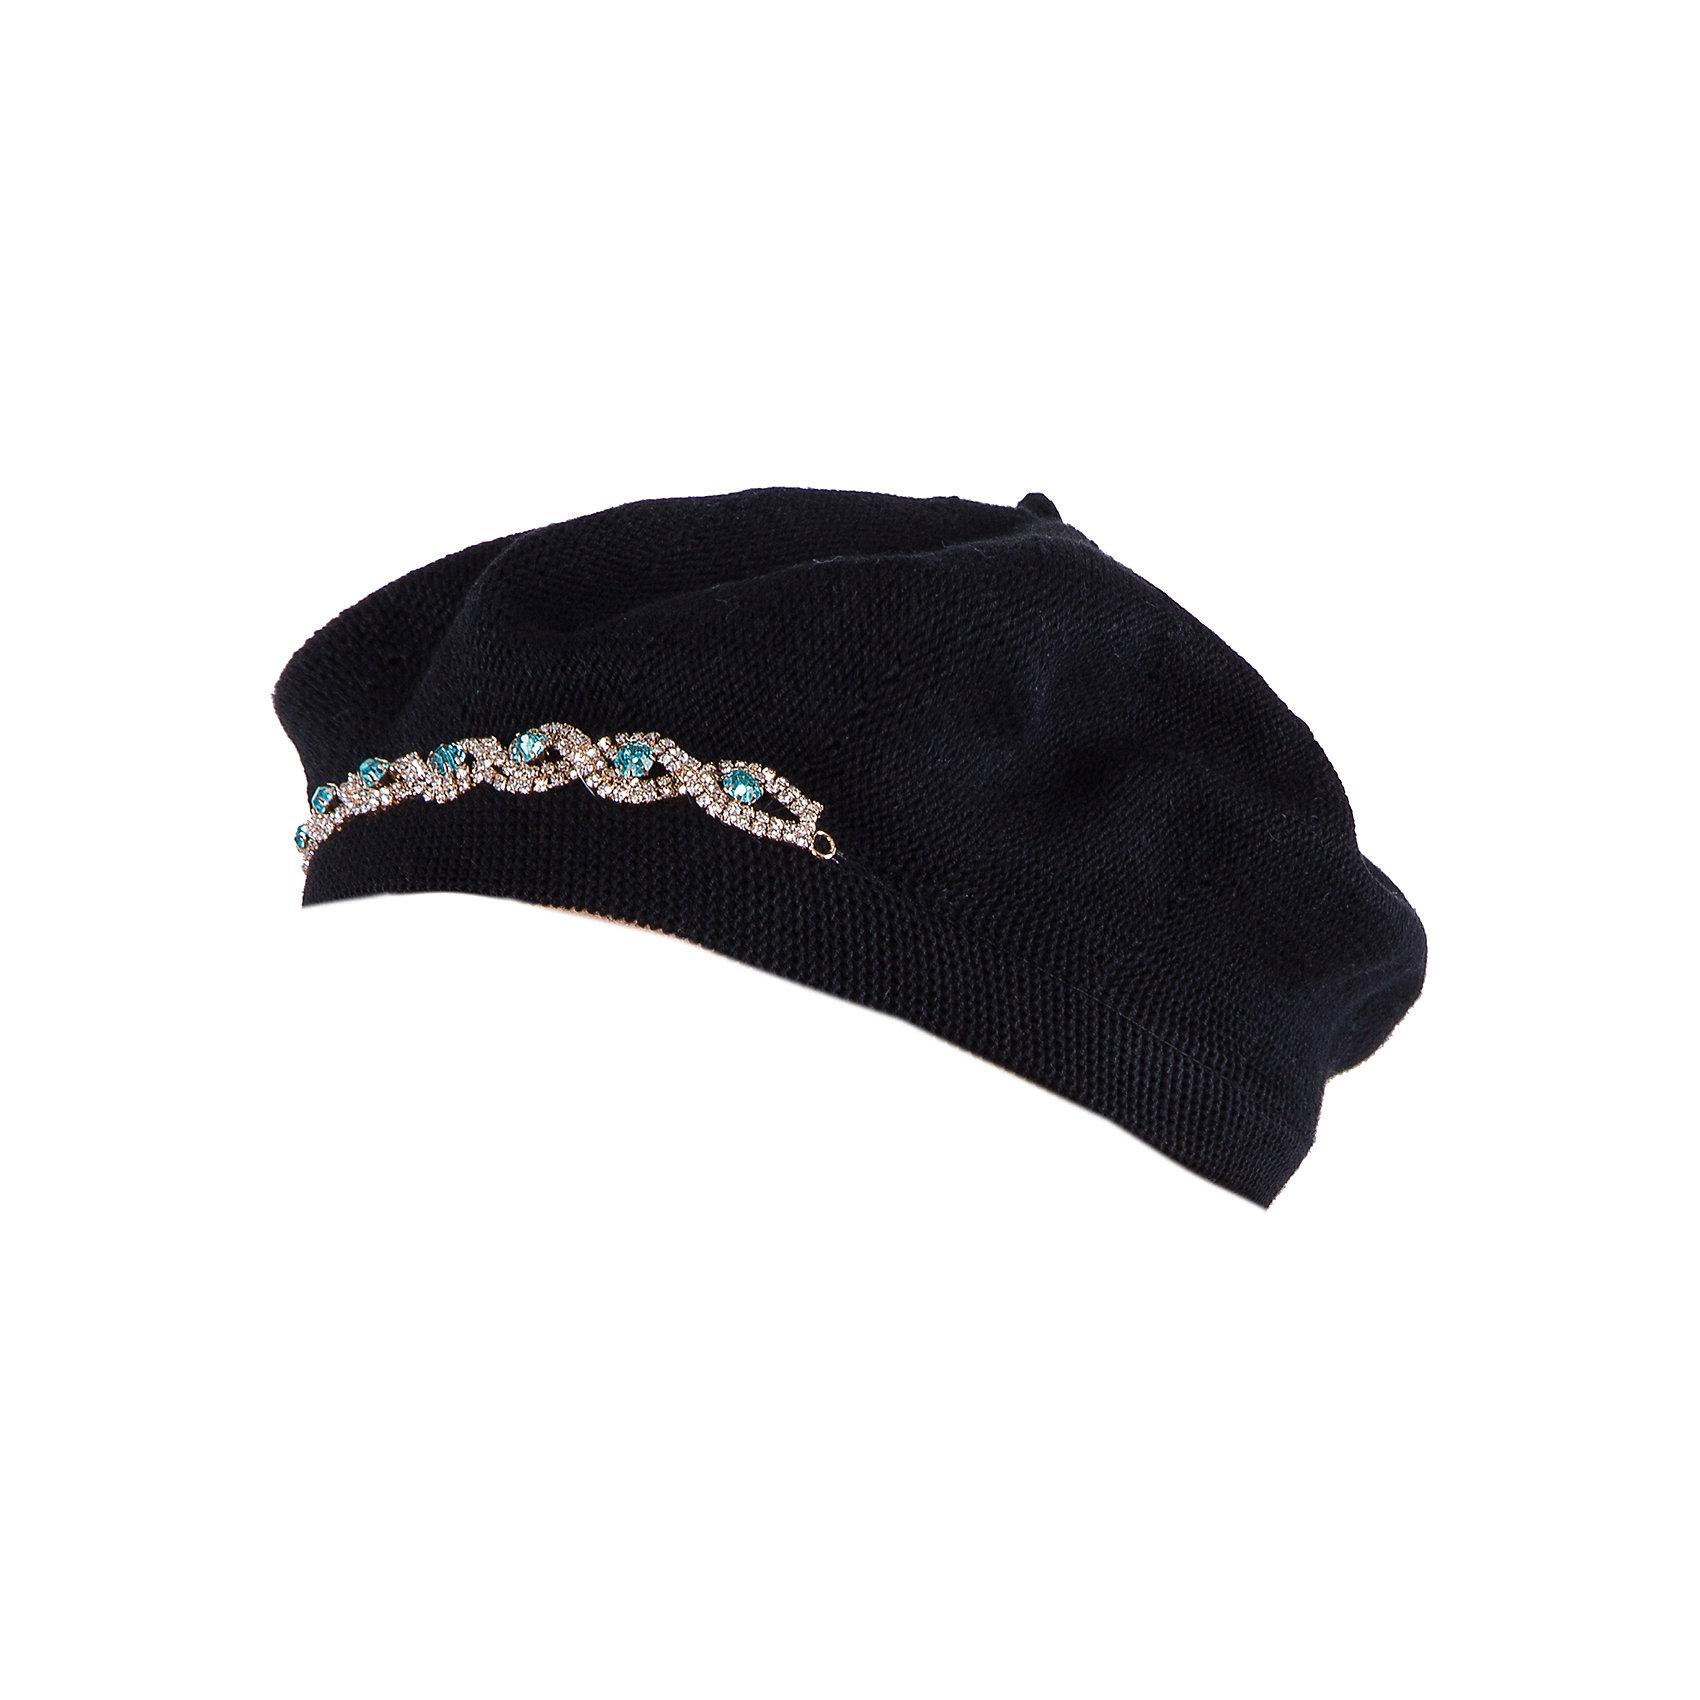 Шапка для девочки АртельШапка для девочки от торговой марки Артель <br><br>Объемная шапка отлично смотрится на детях и комфортно сидит. Эта модель создана специально для девочек. Изделие выполнено из качественных материалов.<br>Одежда от бренда Артель – это высокое качество по приемлемой цене и всегда продуманный дизайн. <br><br>Особенности модели: <br>- цвет — черный; <br>- украшена стразами; <br>- материал - натуральный хлопок. <br><br>Дополнительная информация: <br><br>Состав: 100% хлопок<br><br>Температурный режим: <br>От -5 °C до +15 °C <br><br>Шапку для девочки Артель (Artel) можно купить в нашем магазине.<br><br>Ширина мм: 89<br>Глубина мм: 117<br>Высота мм: 44<br>Вес г: 155<br>Цвет: черный<br>Возраст от месяцев: 72<br>Возраст до месяцев: 84<br>Пол: Женский<br>Возраст: Детский<br>Размер: 54,48,52,50<br>SKU: 4500688